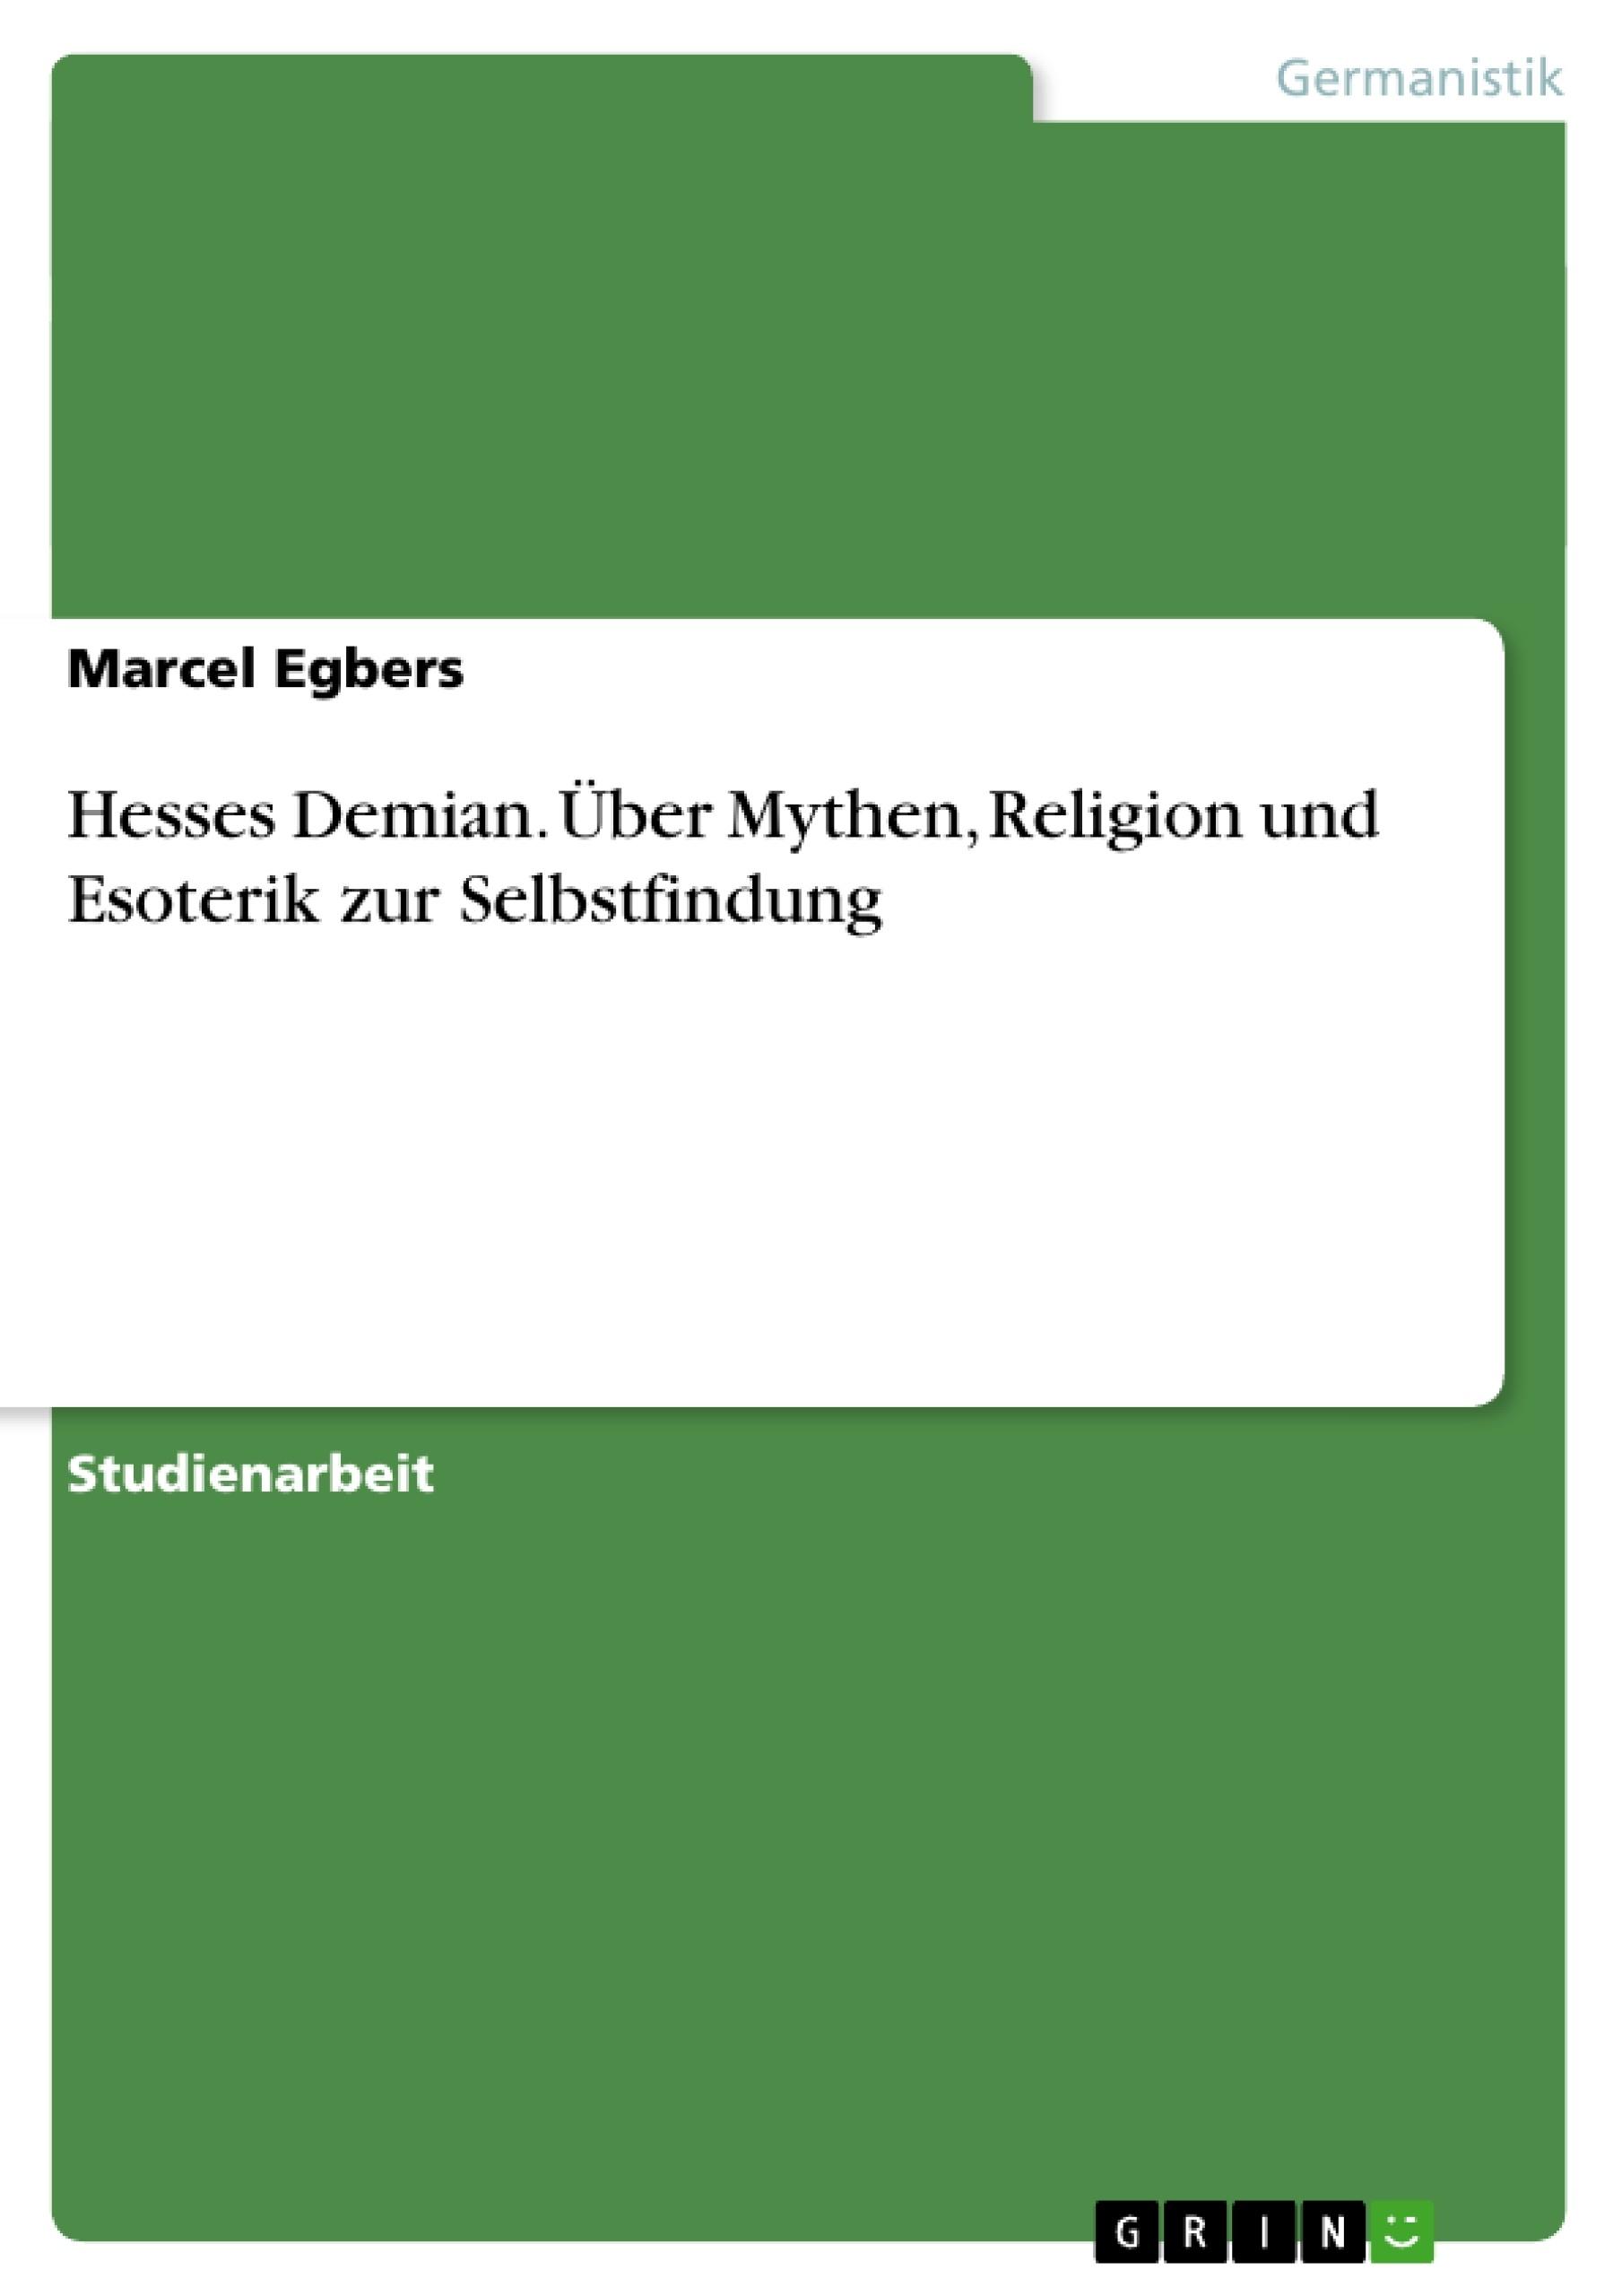 Titel: Hesses Demian. Über Mythen, Religion und Esoterik zur Selbstfindung